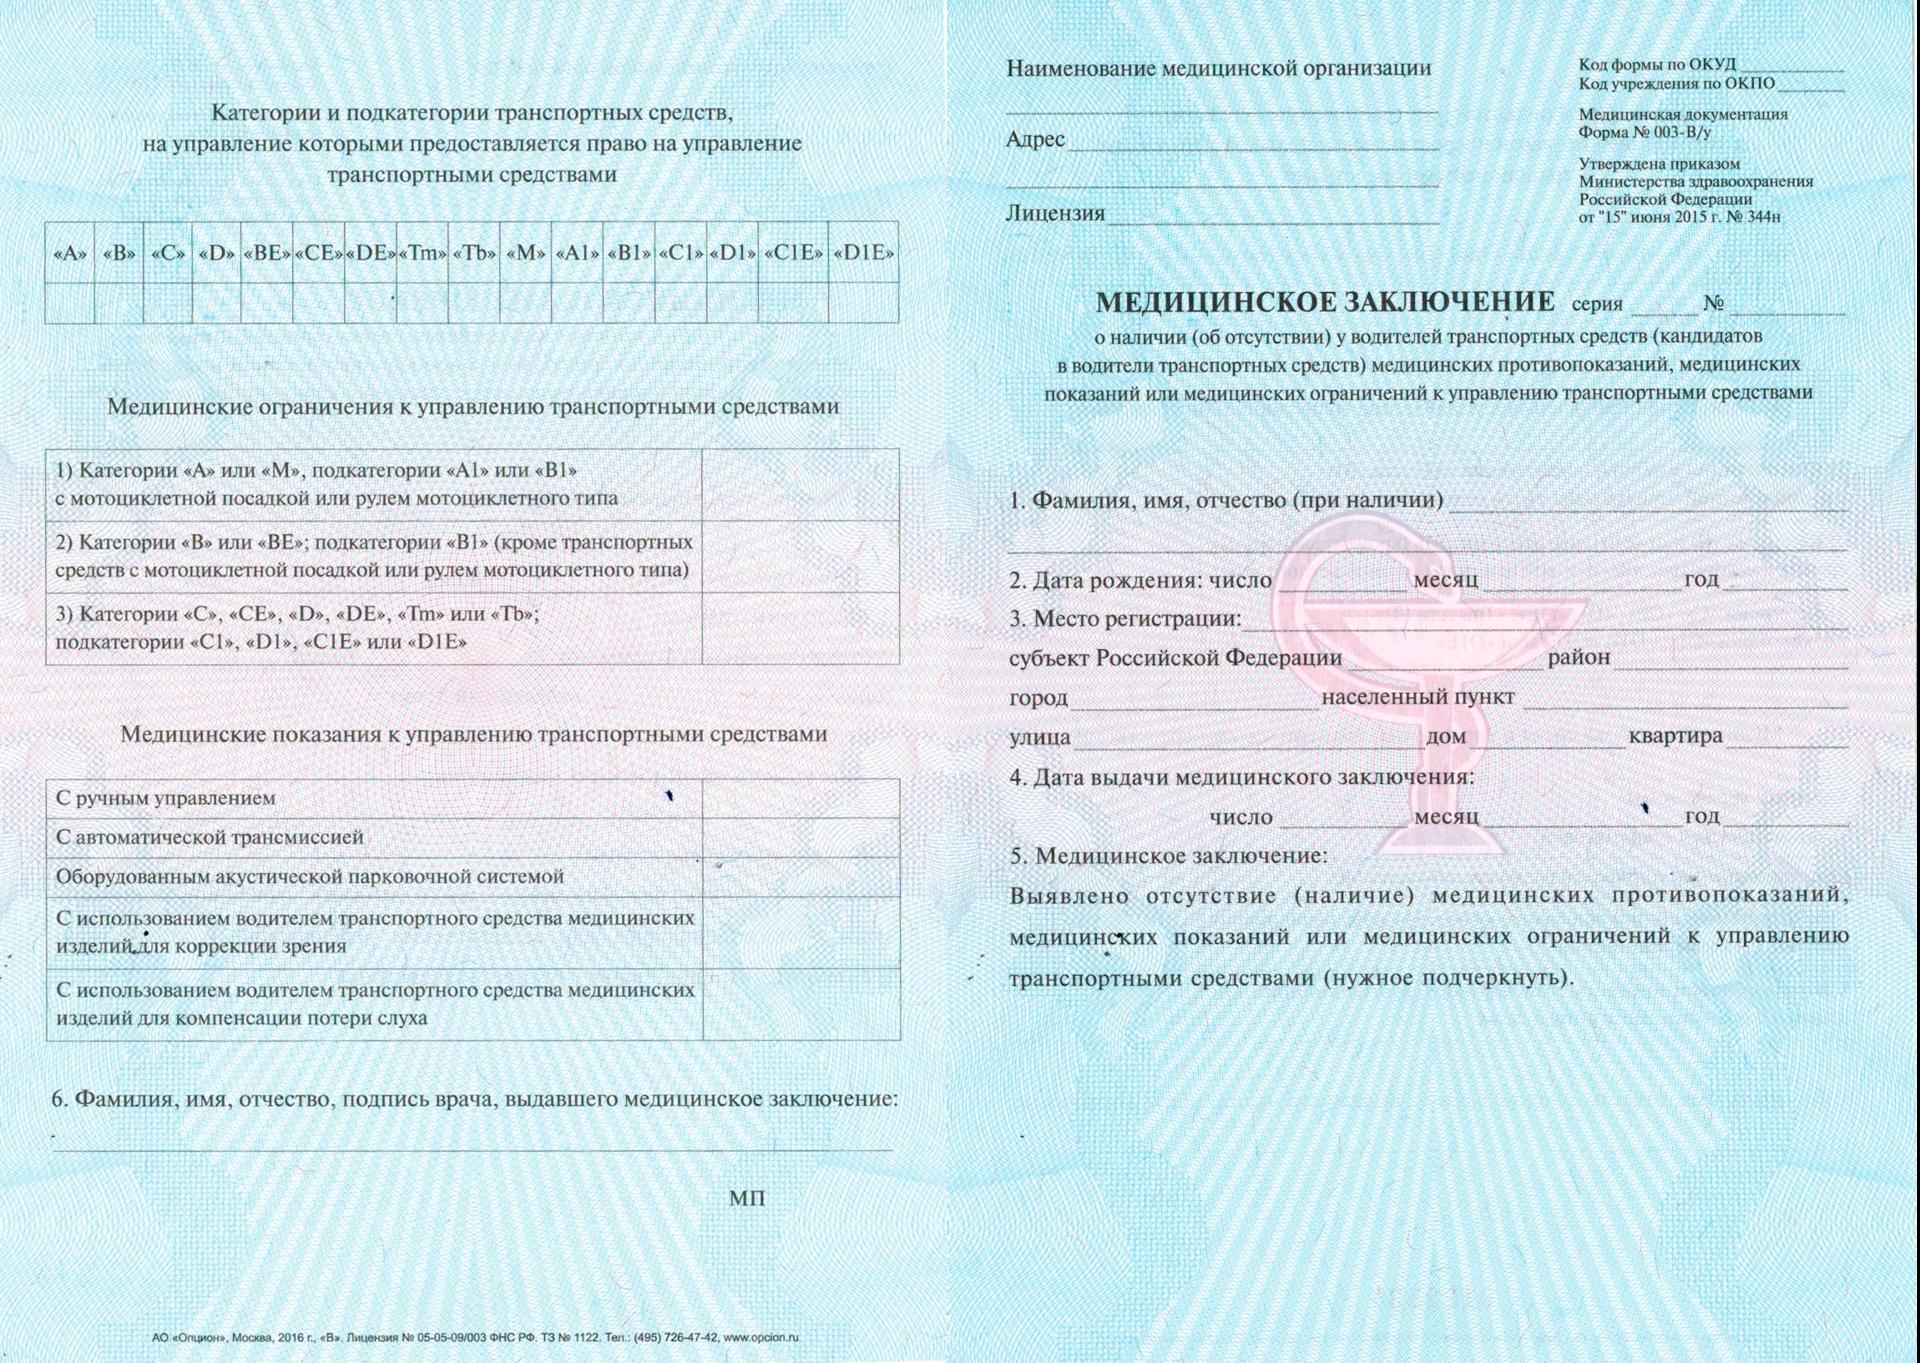 Мед справка водительская зао Москва Щукино